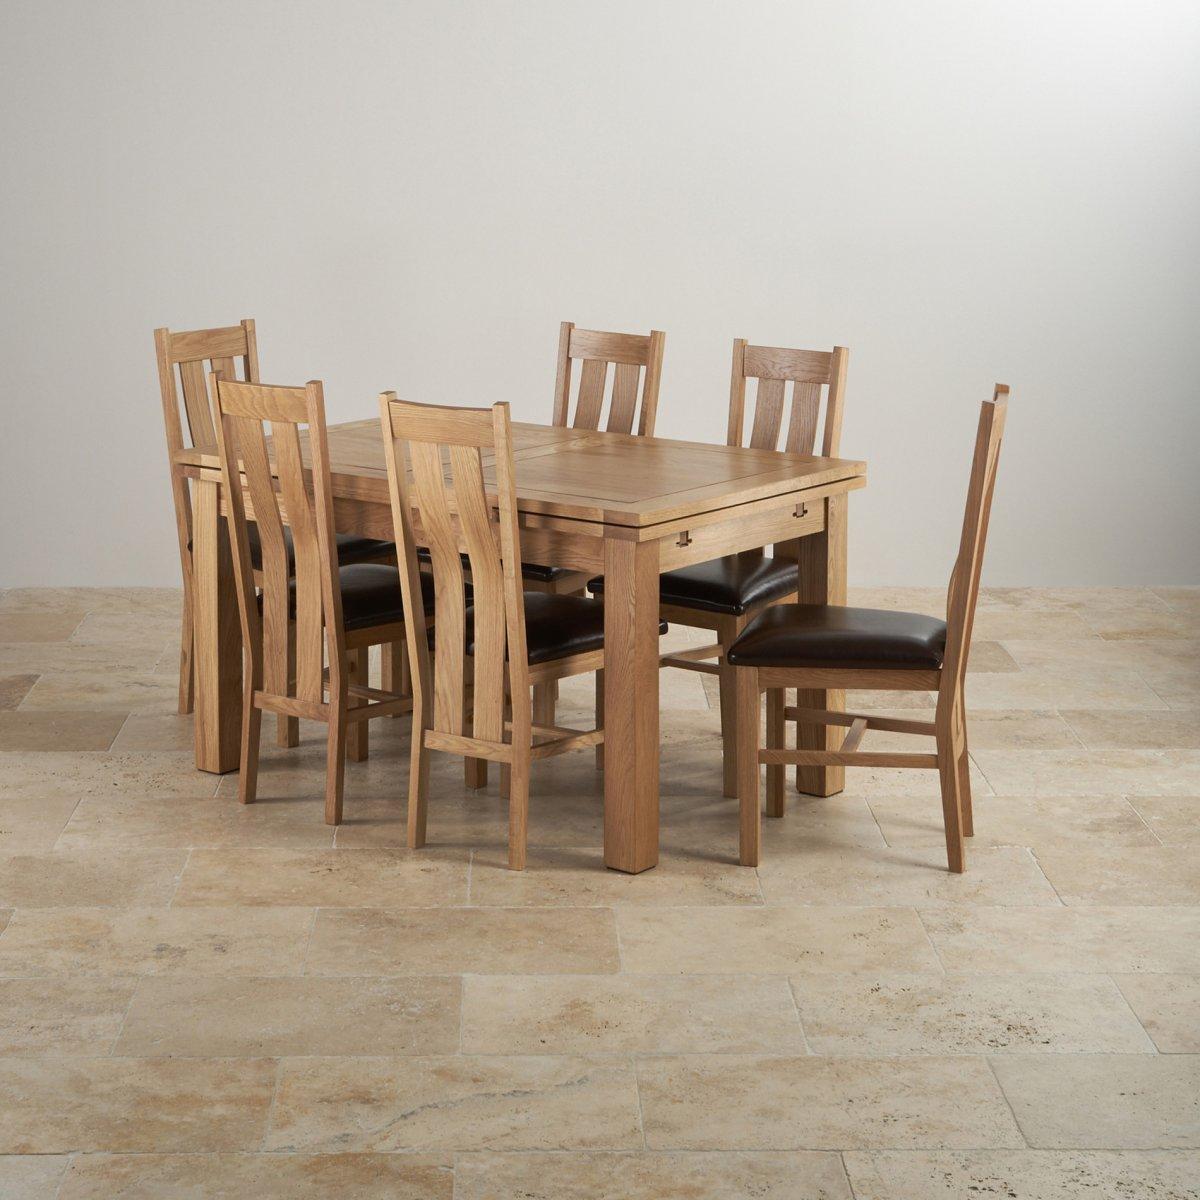 Dorset Dining Set in Oak Extending Table